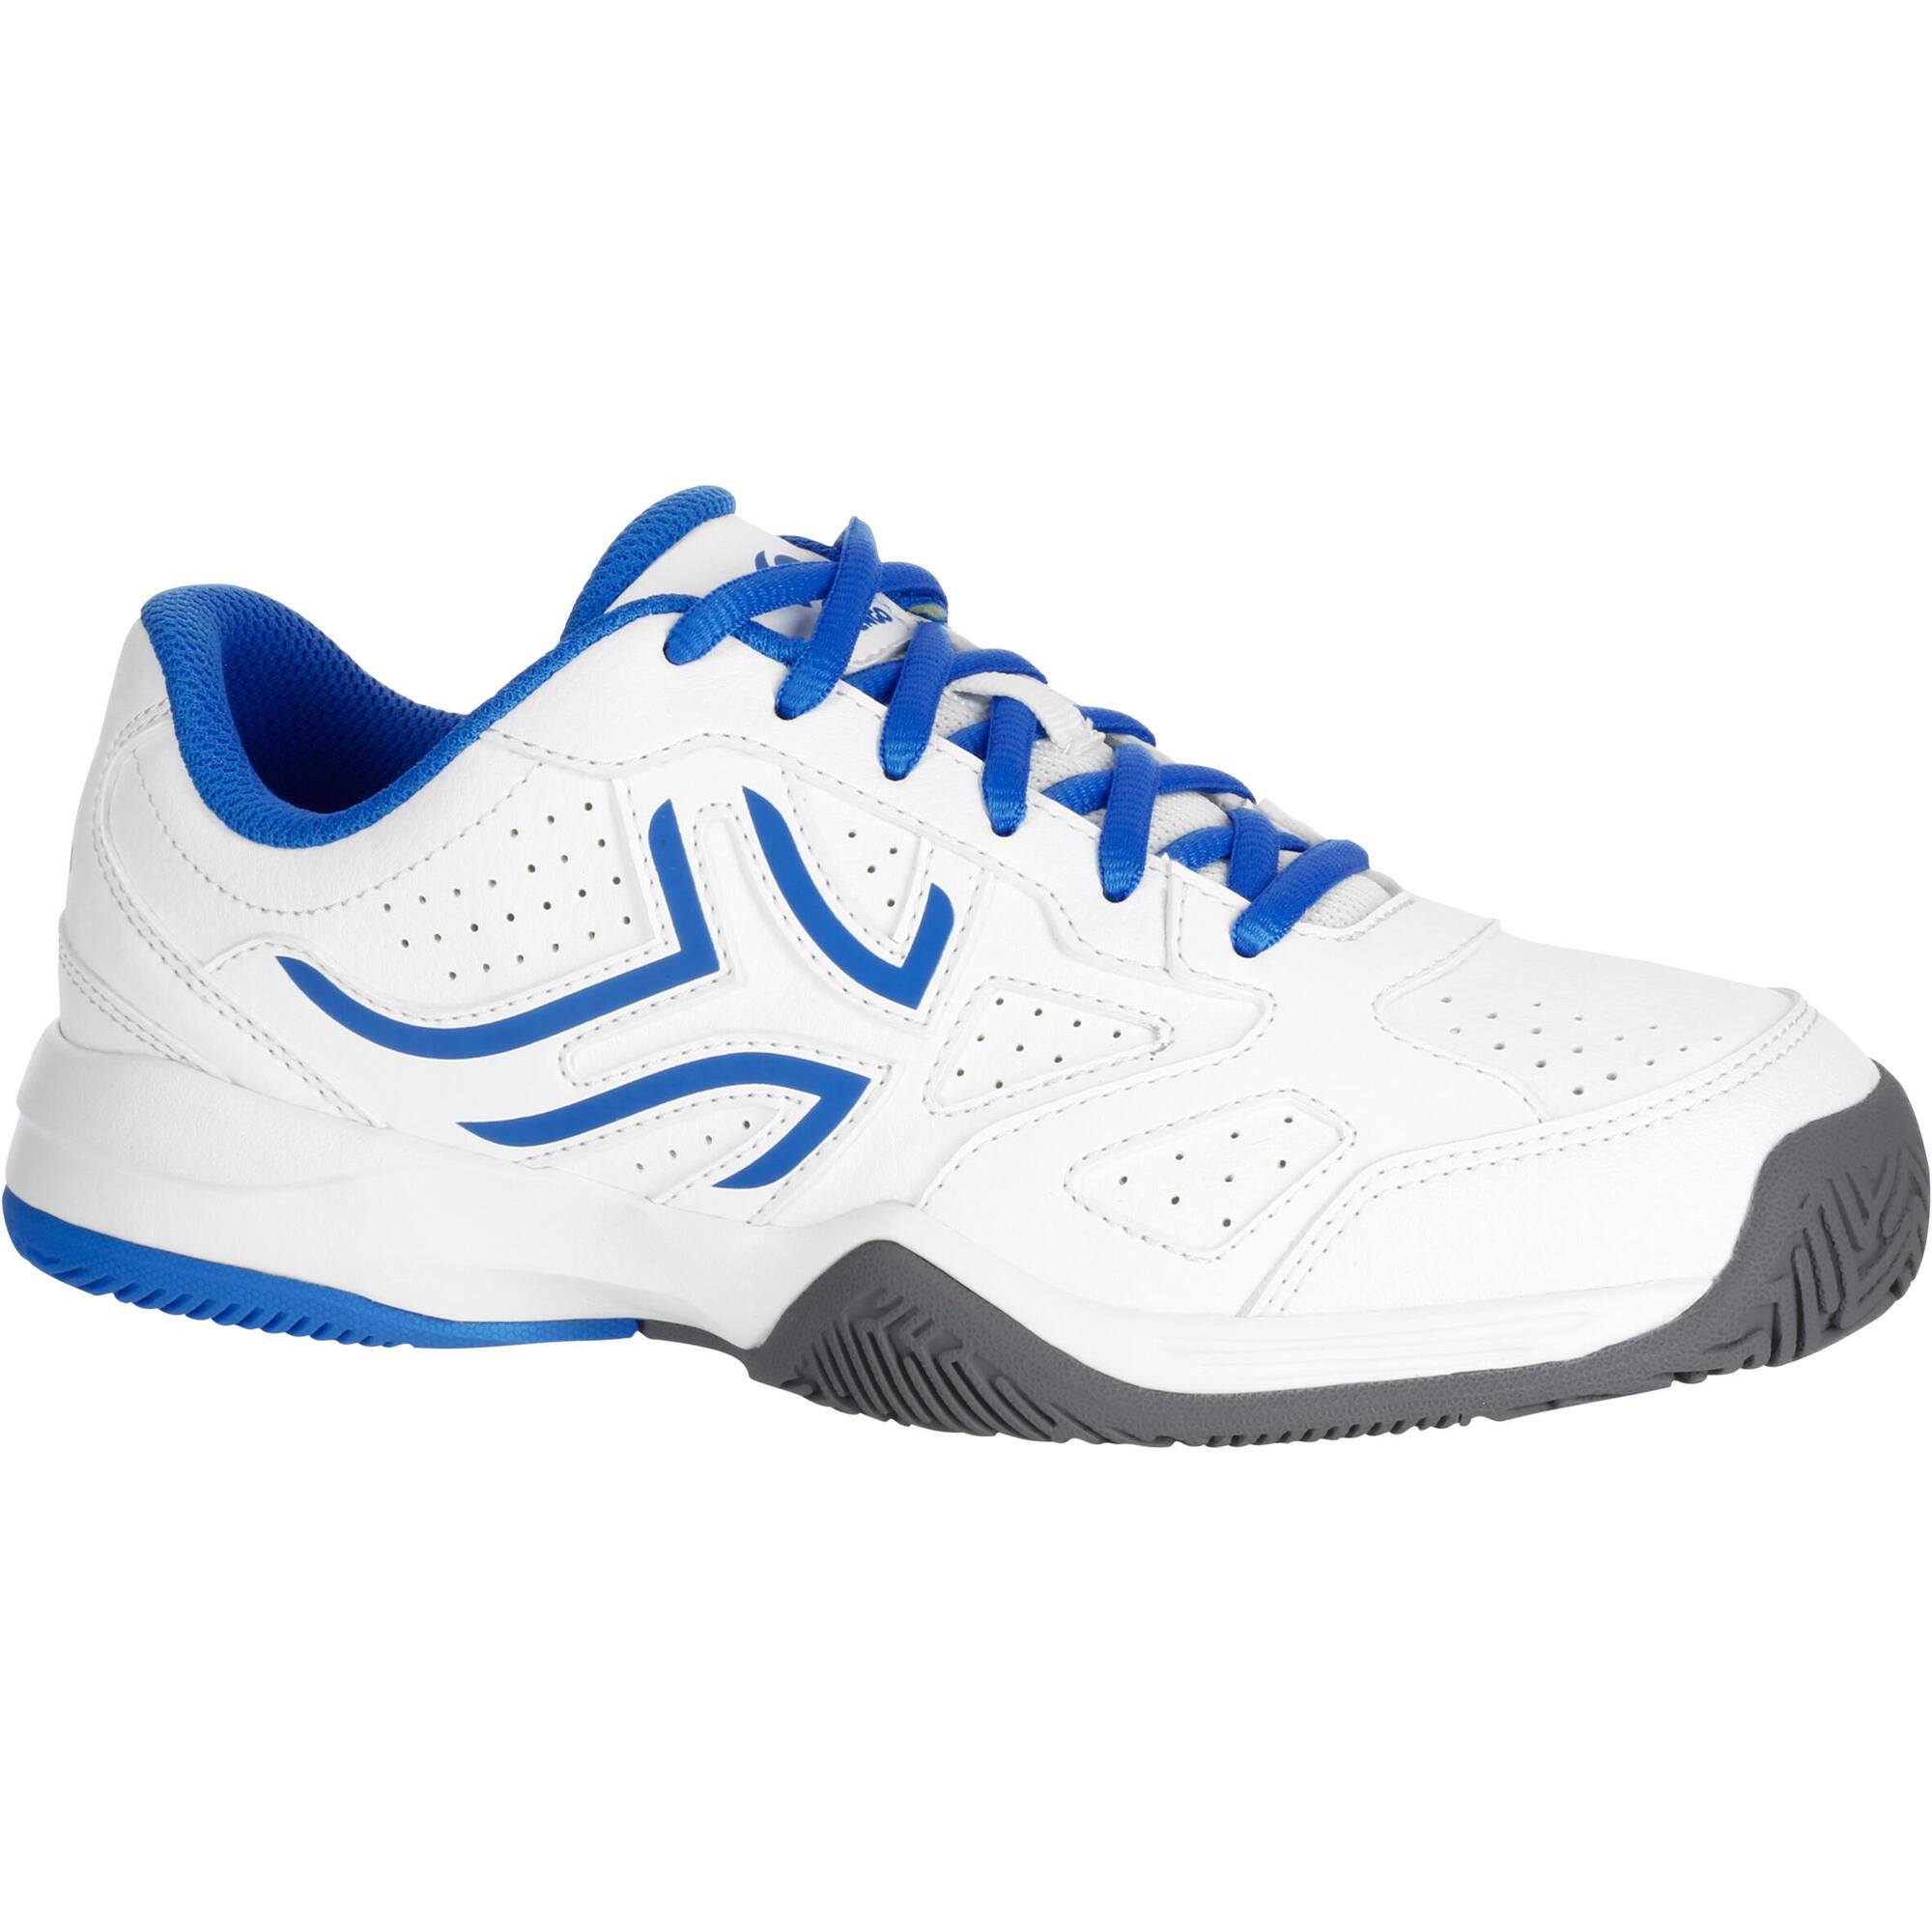 Chaussure de tennis enfant artengo ts530 blanc bleu artengo - Chaussure enfant decathlon ...